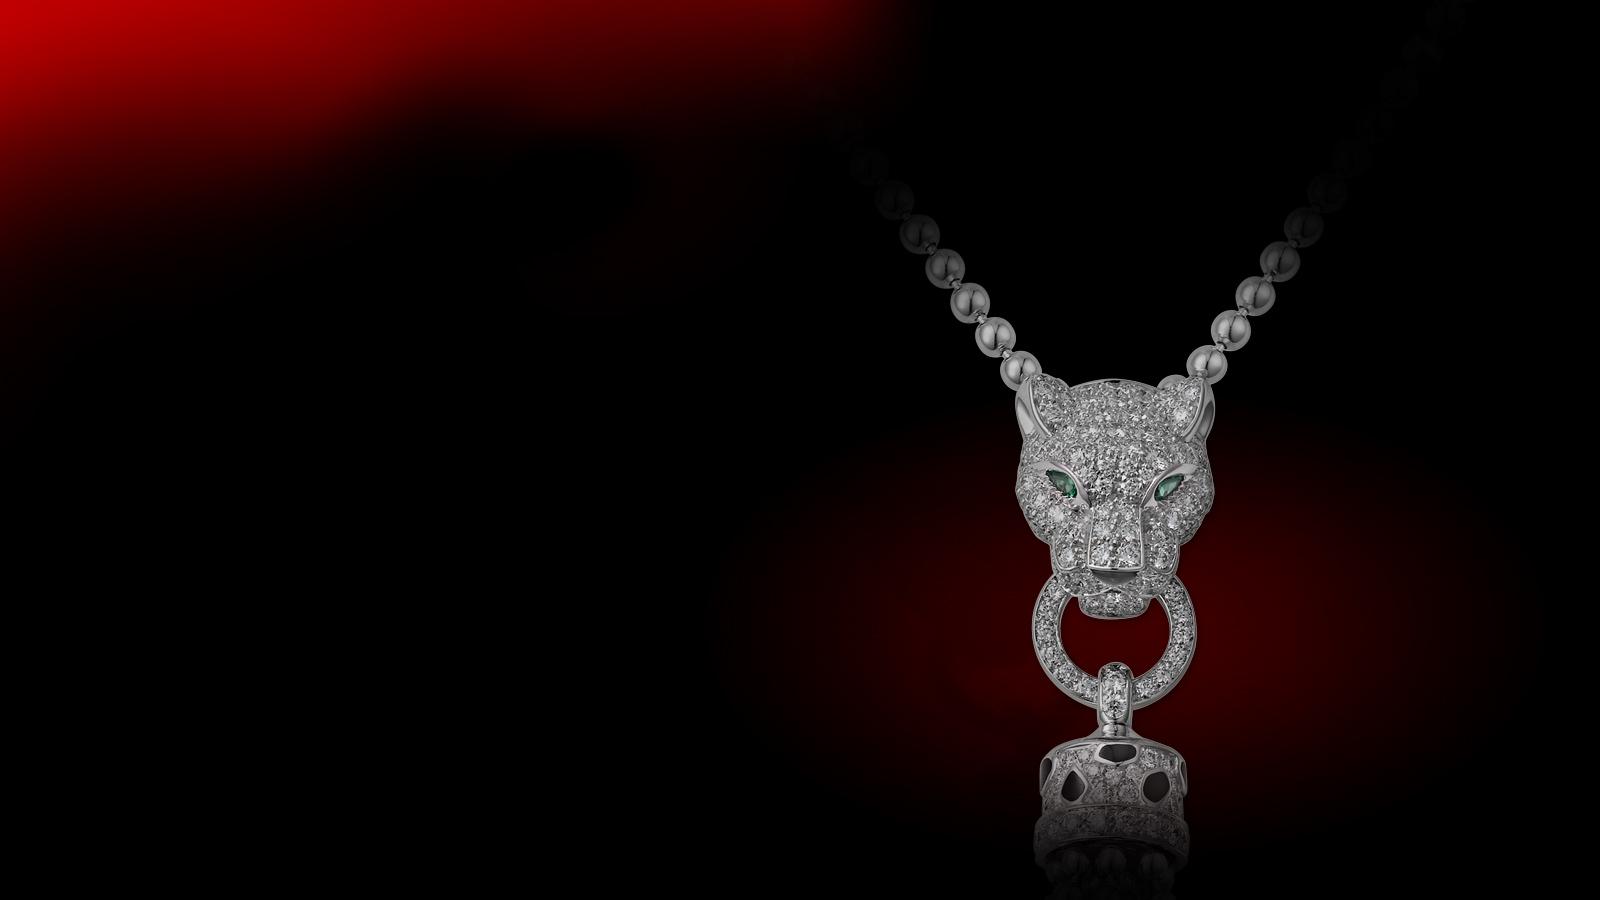 Сбор заказов. Радуга камня! Украшения и сувениры из натуральных камней! Есть всё! Кулоны, серьги, кольца, бусы, браслеты, кабошоны, фурнитура, сувениры, шкатулки, картины и многое другое! Цены радуют! Различные украшения из серебра с925! Галереи!Вык-7.